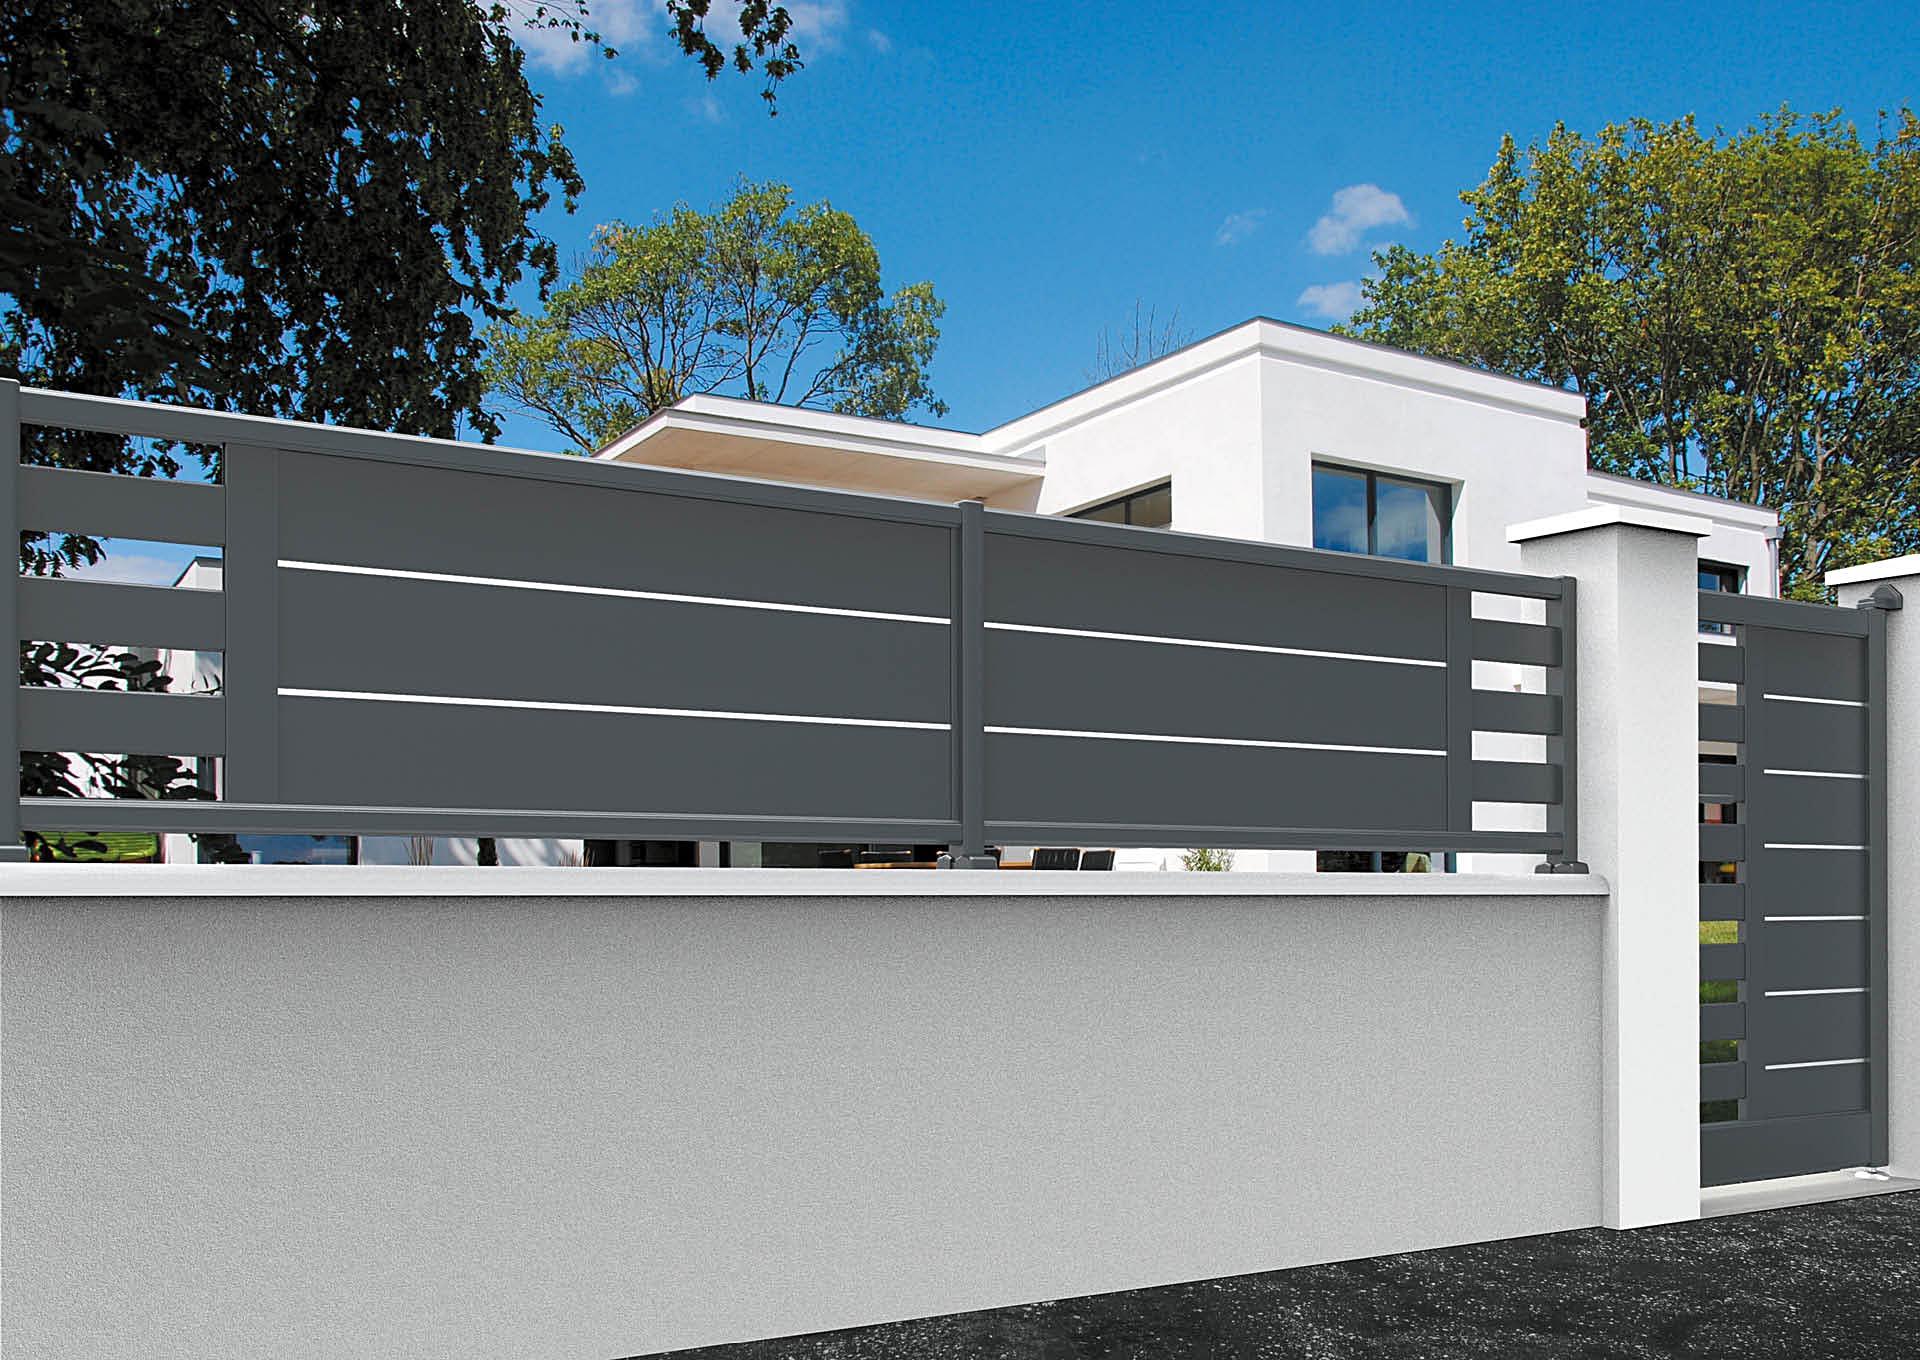 Clôture en aluminium 9013_CL_S2LE Lames horizontales 200mm et liserés + décor lames espacées